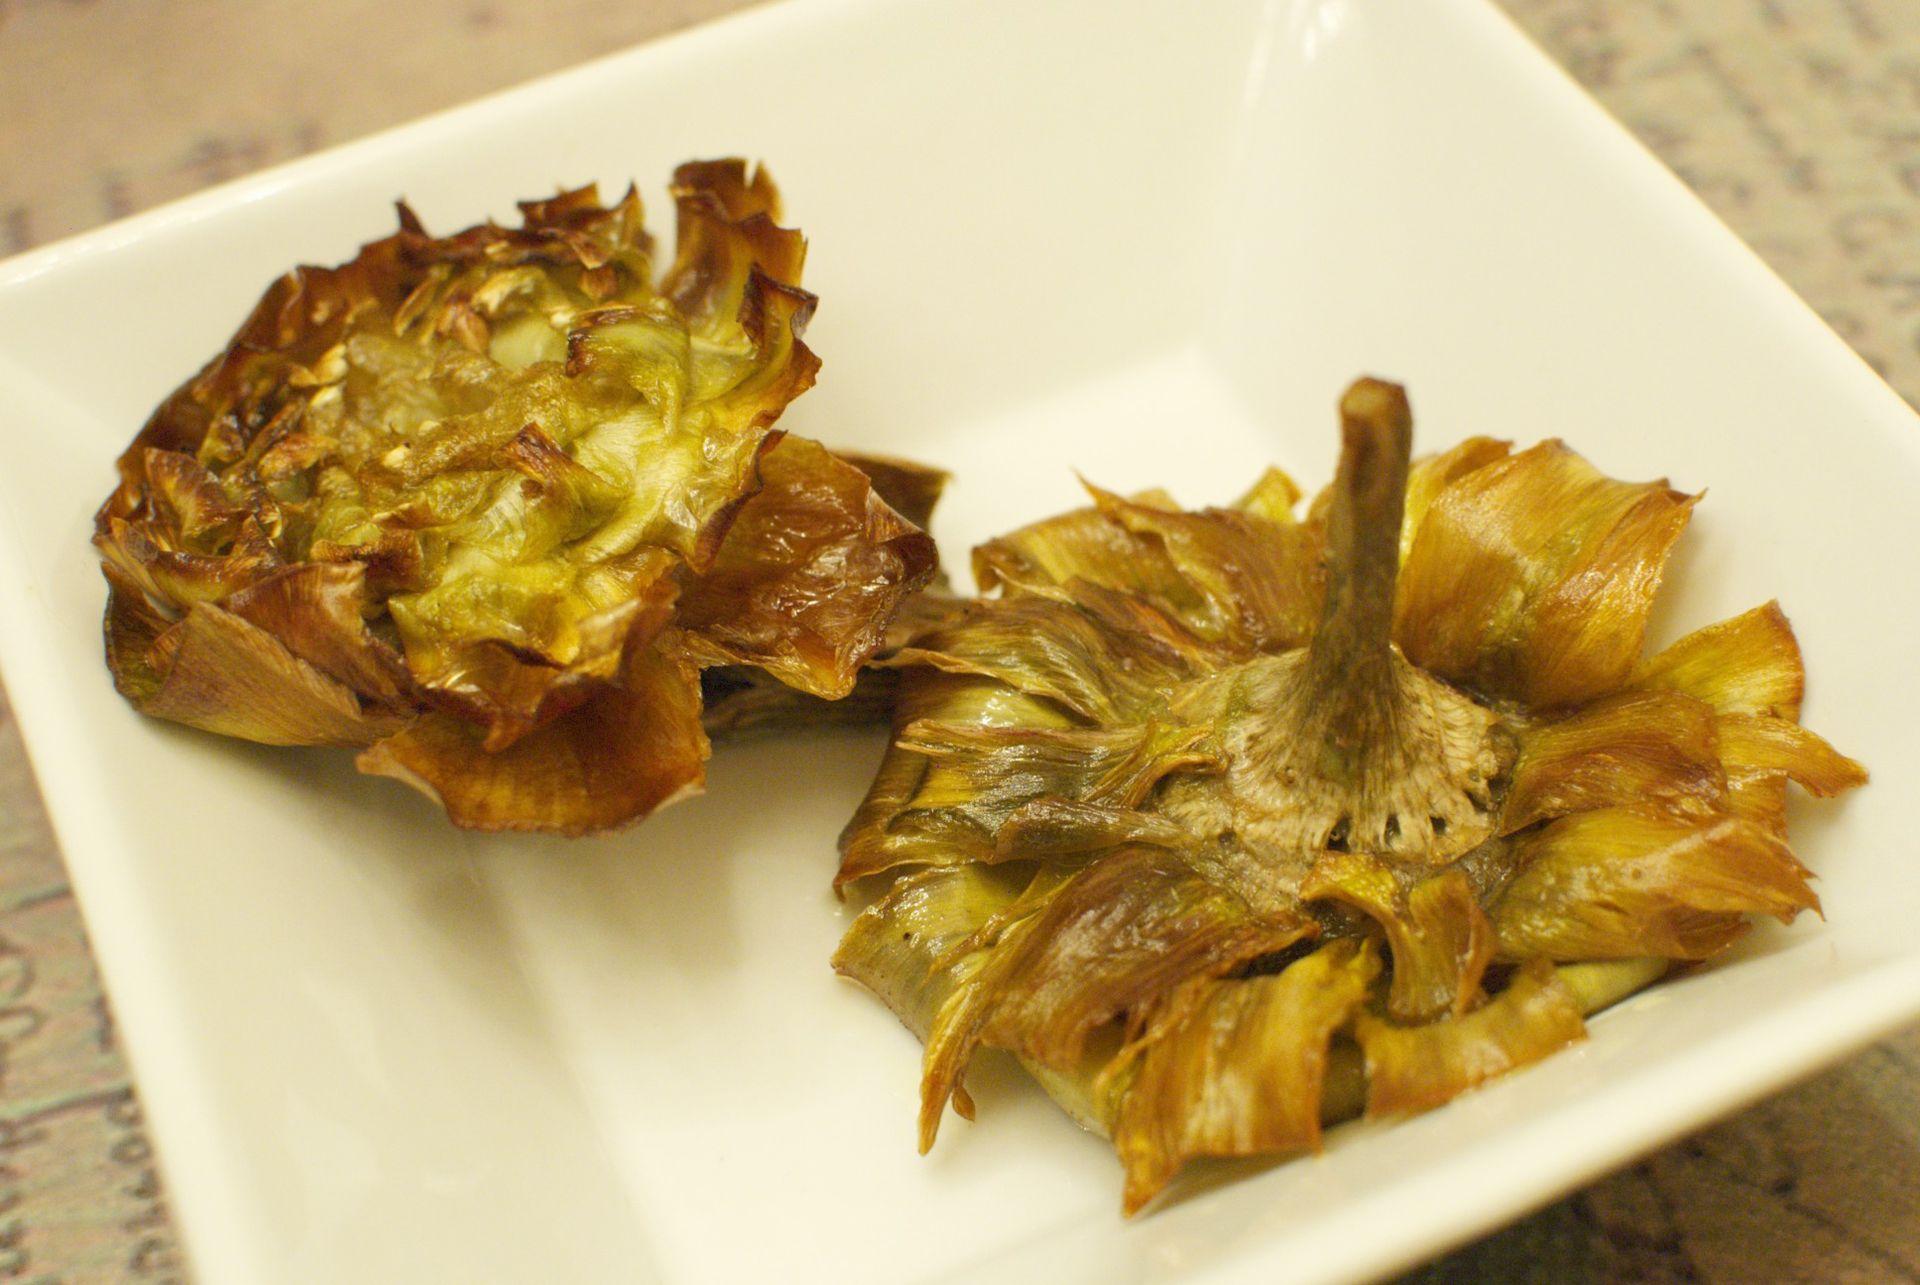 Carciofi alla giudia wikipedia for Cucina ebraico romanesca